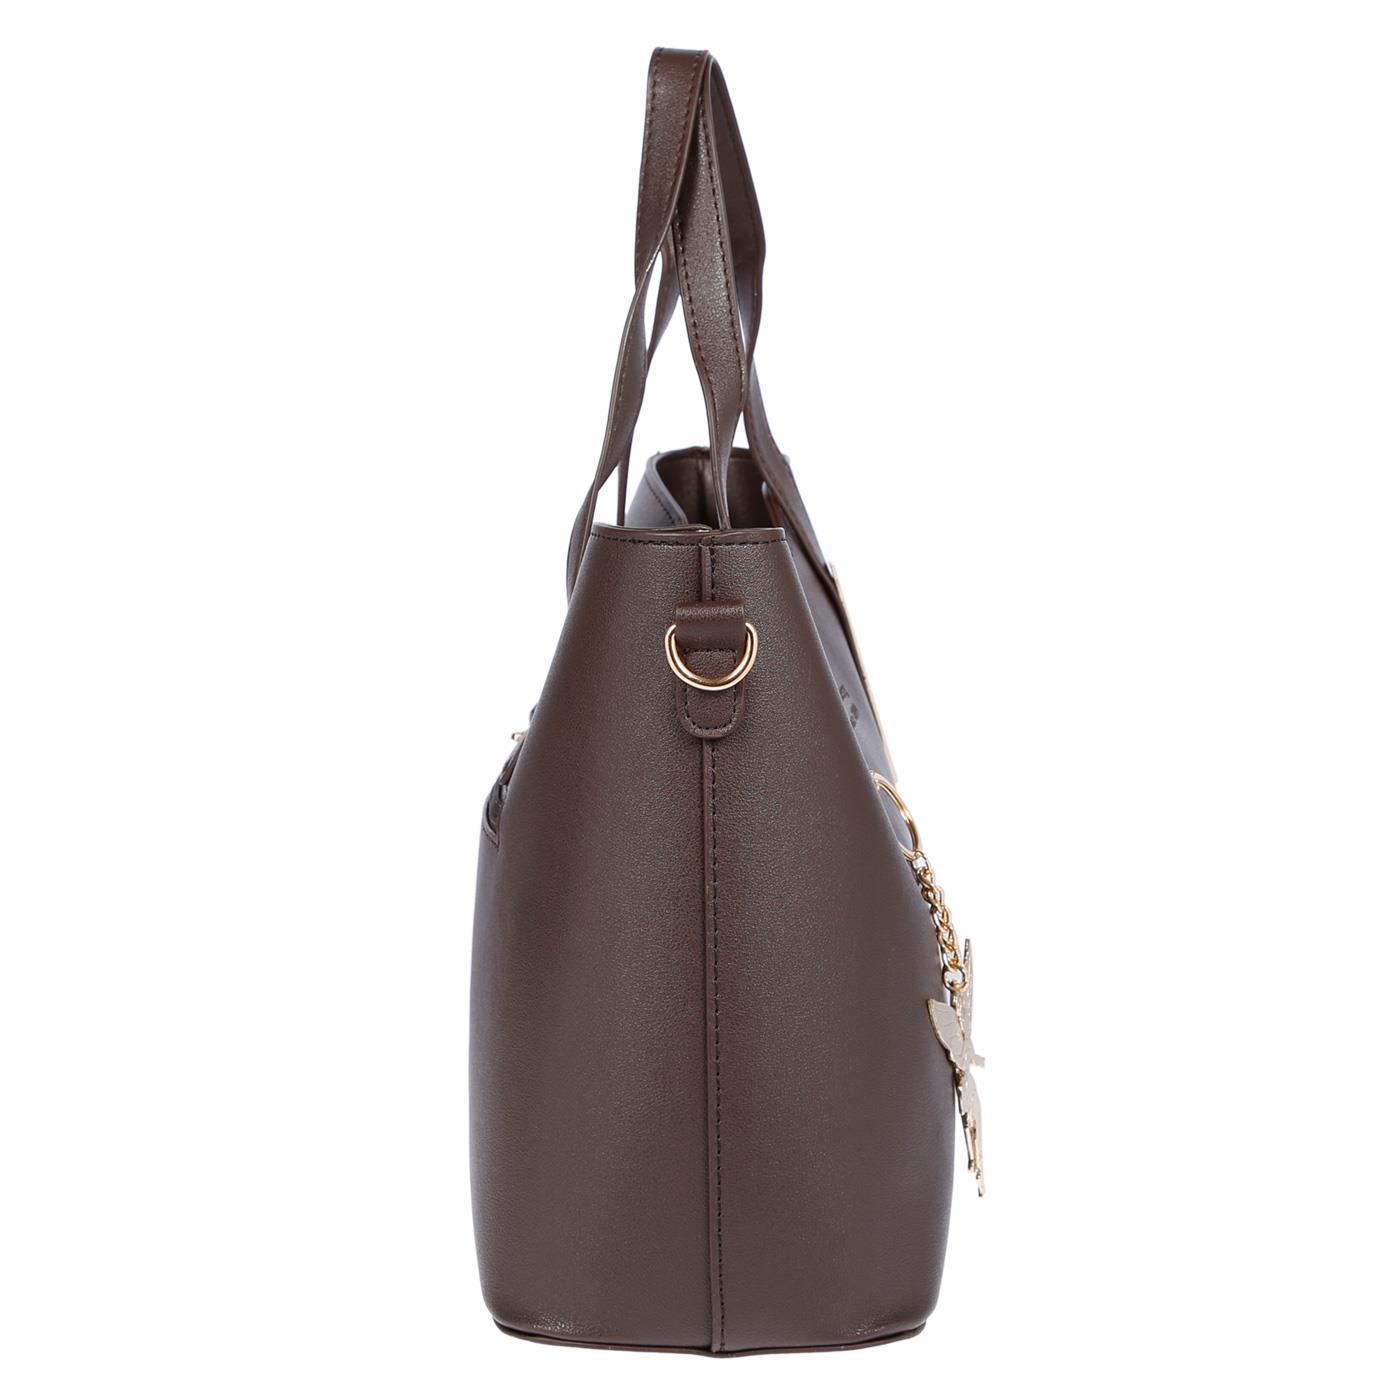 Kossberg-Damen-Tasche-Henkeltasche-Schultertasche-Umhaengetasche-Leder-Optik-Bag Indexbild 38